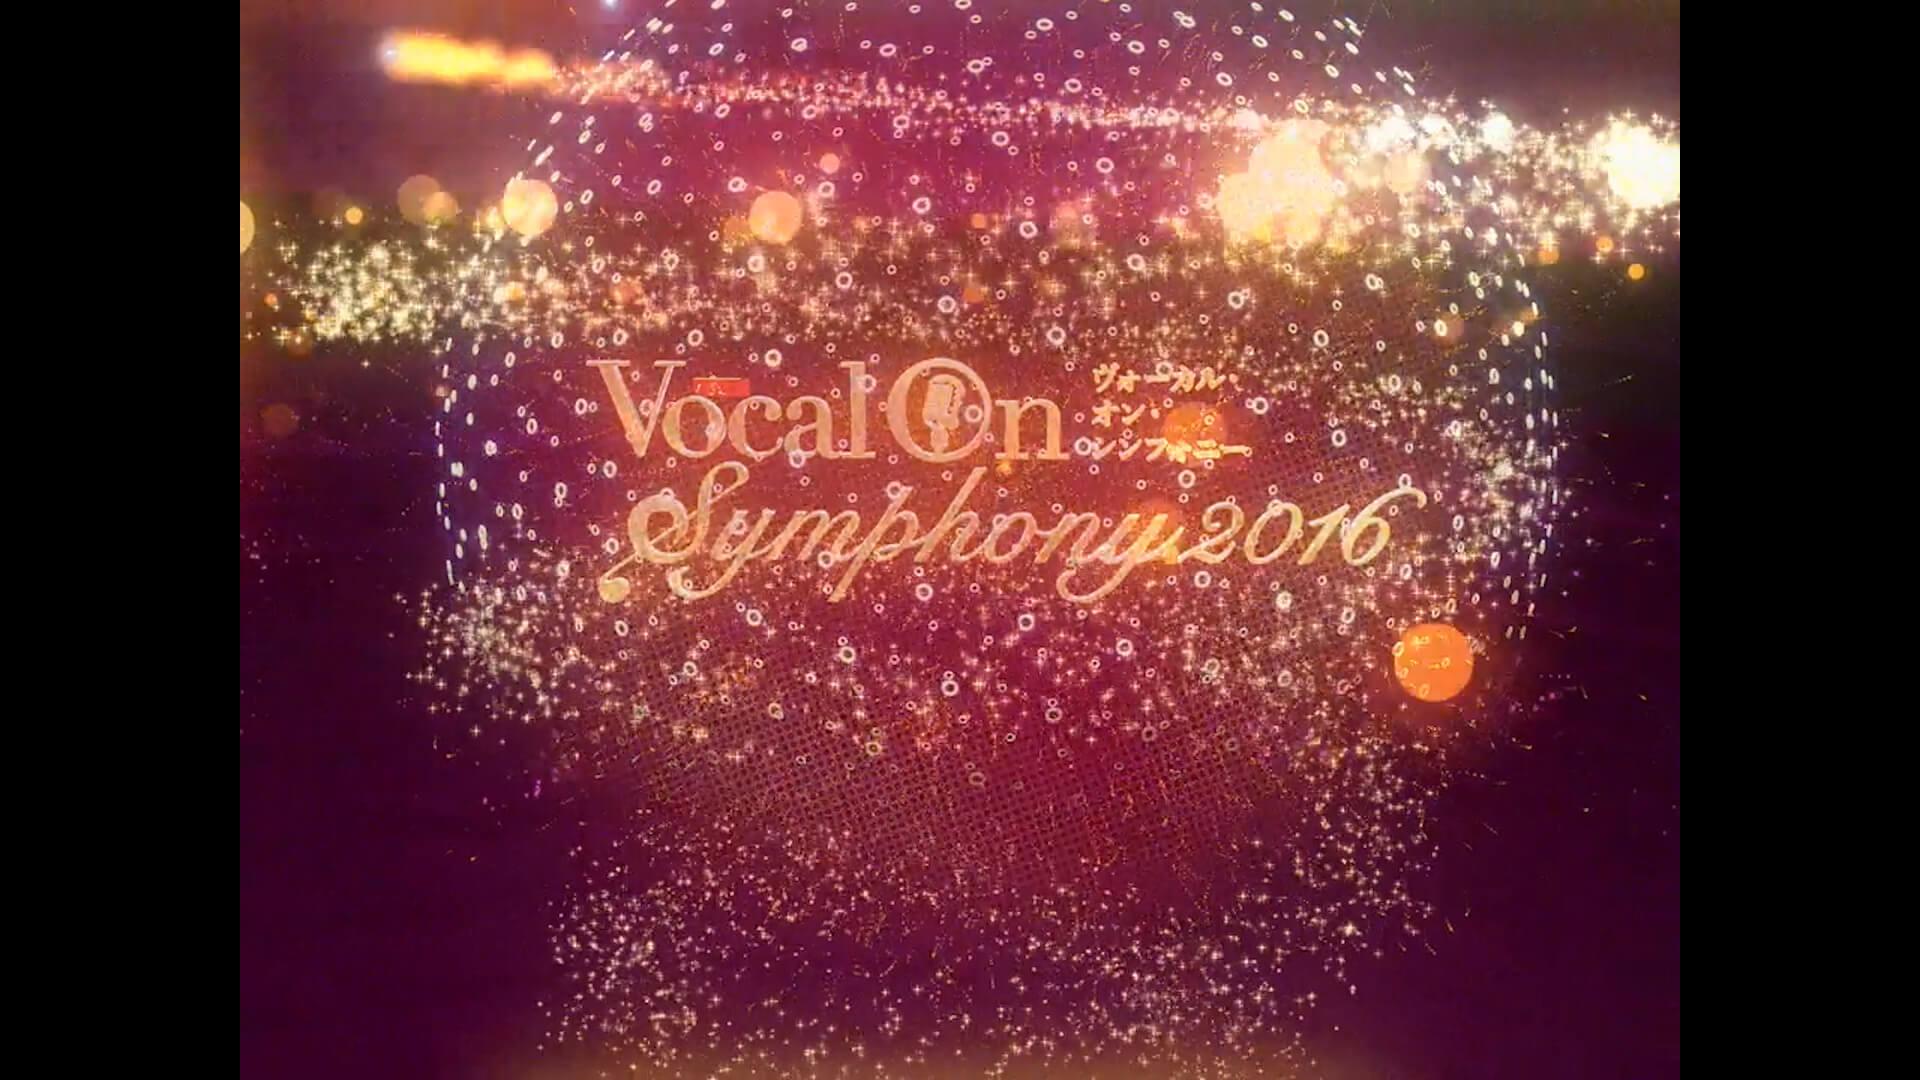 Vocal On Symphony 2016